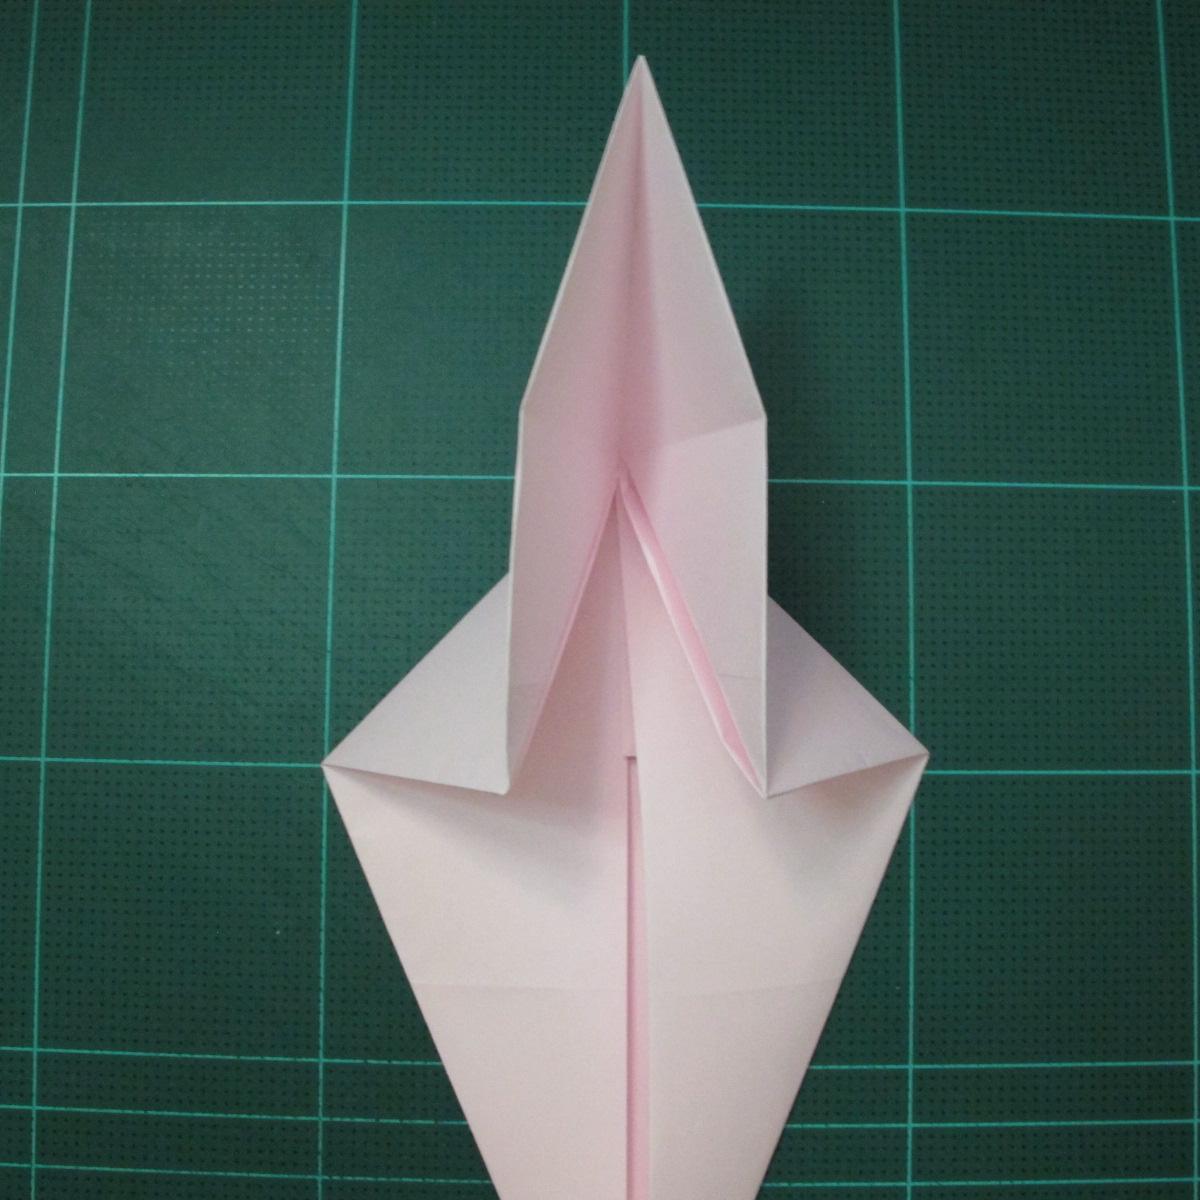 การพับกระดาษเป็นไดโนเสาร์ทีเร็กซ์ (Origami Tyrannosaurus Rex) 005